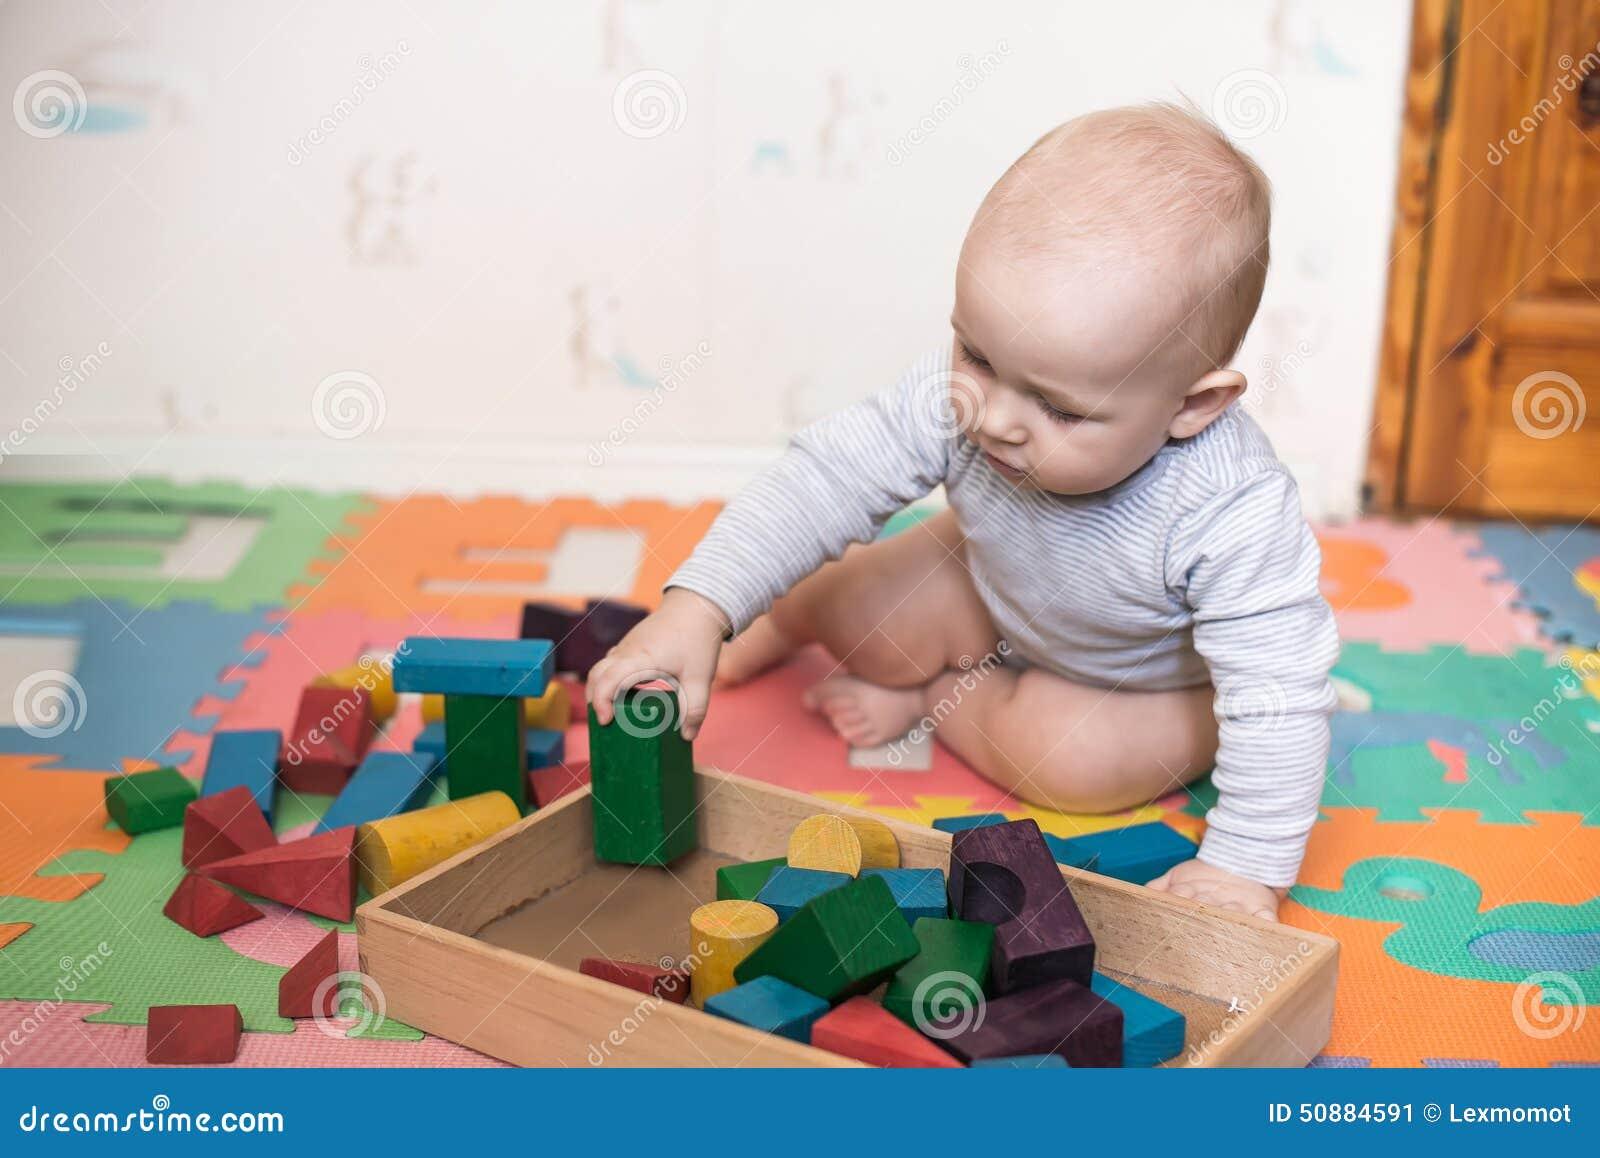 pi ces d 39 enfant avec des blocs de jouet photo stock image 50884591. Black Bedroom Furniture Sets. Home Design Ideas